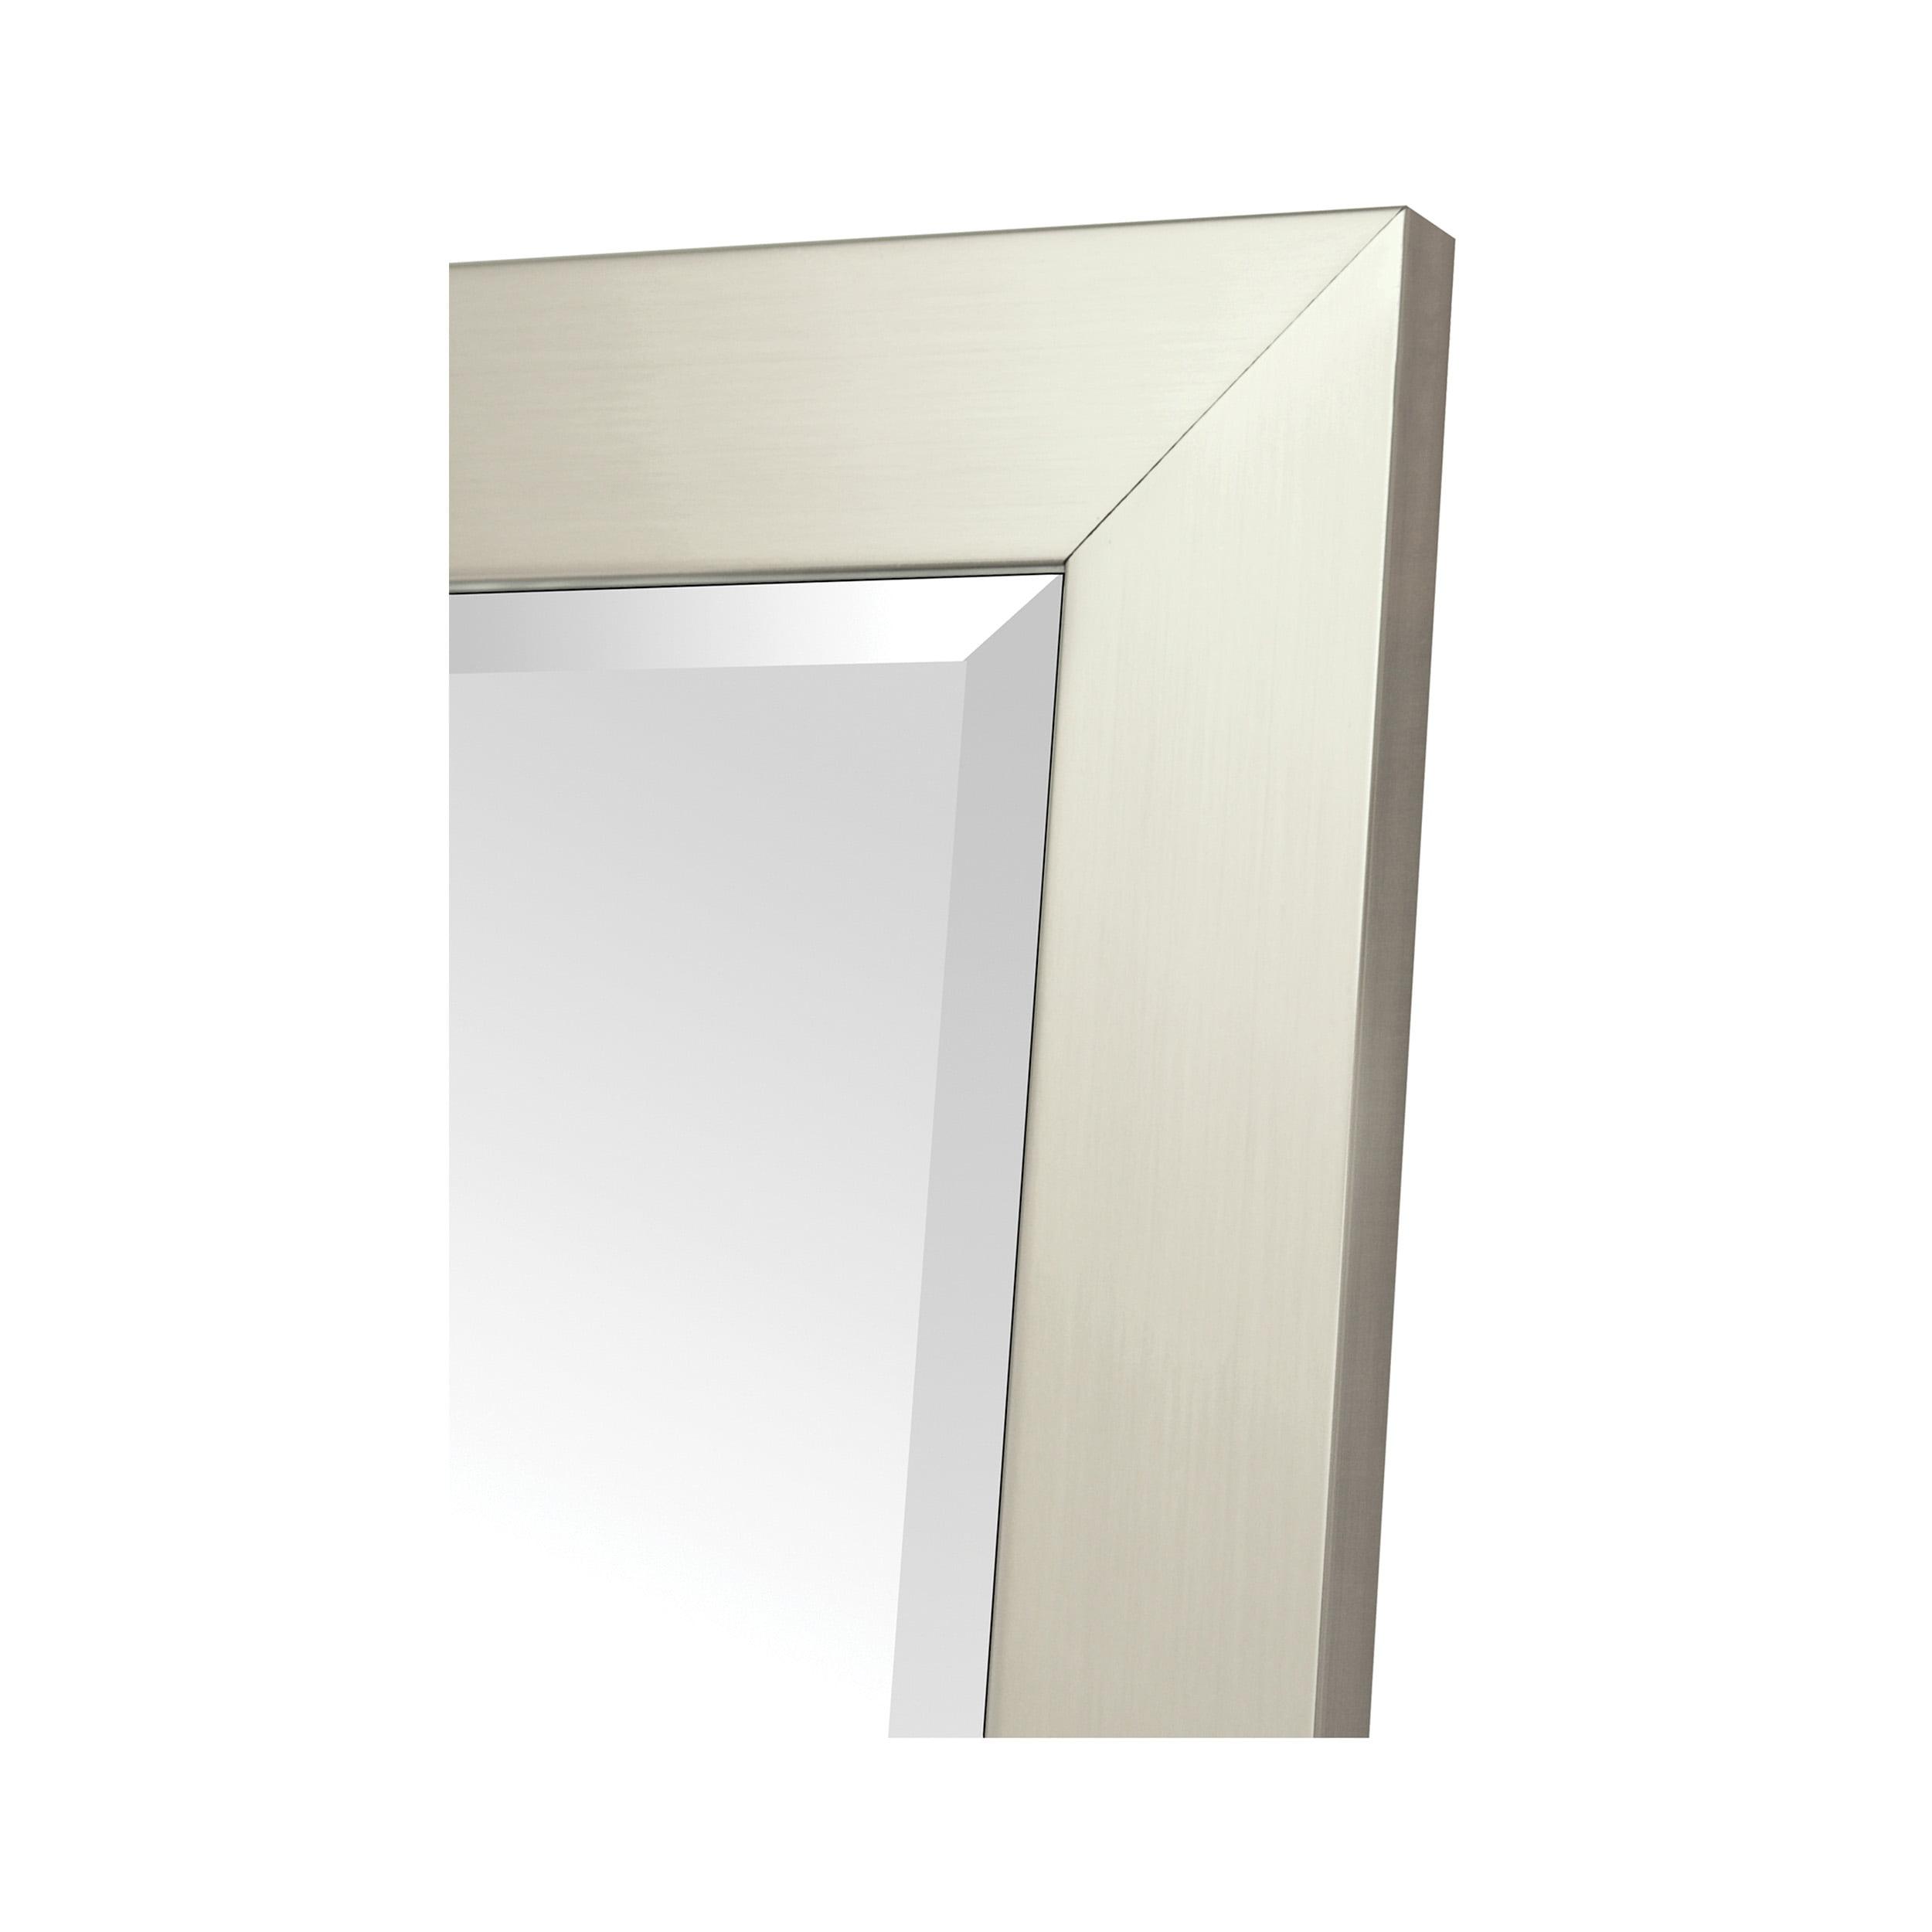 Fornari Silver Casegood (28 x 45)